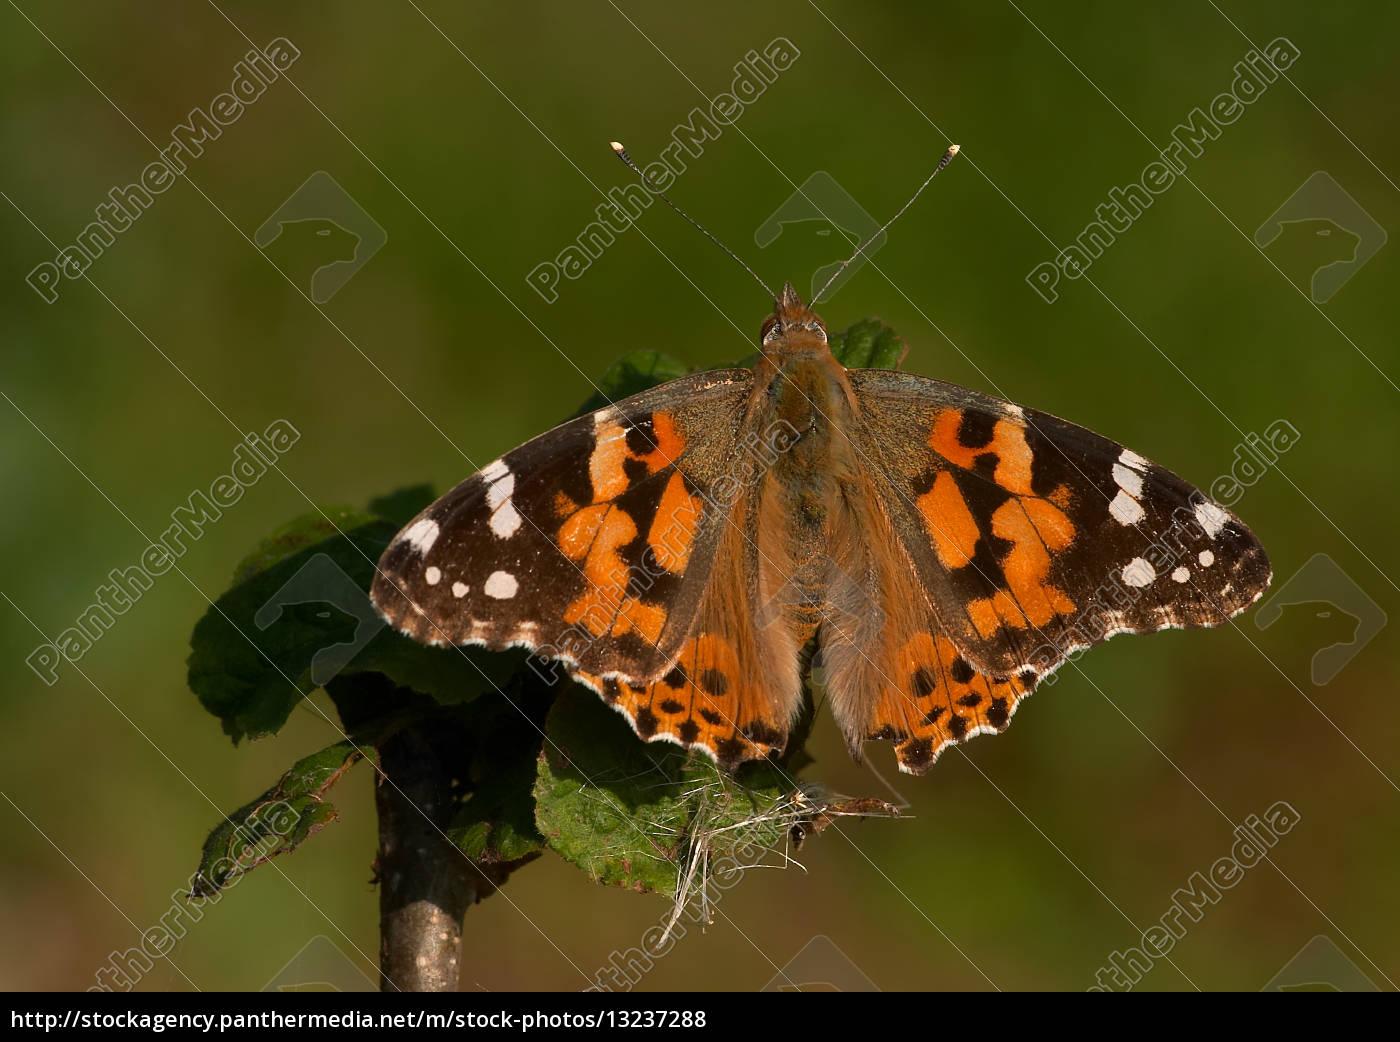 Lizenzfreies Foto 13237288 - Schmetterling Insekt Schmetterlinge Insekten  Falter ganzes Schmetterlinge Insekten